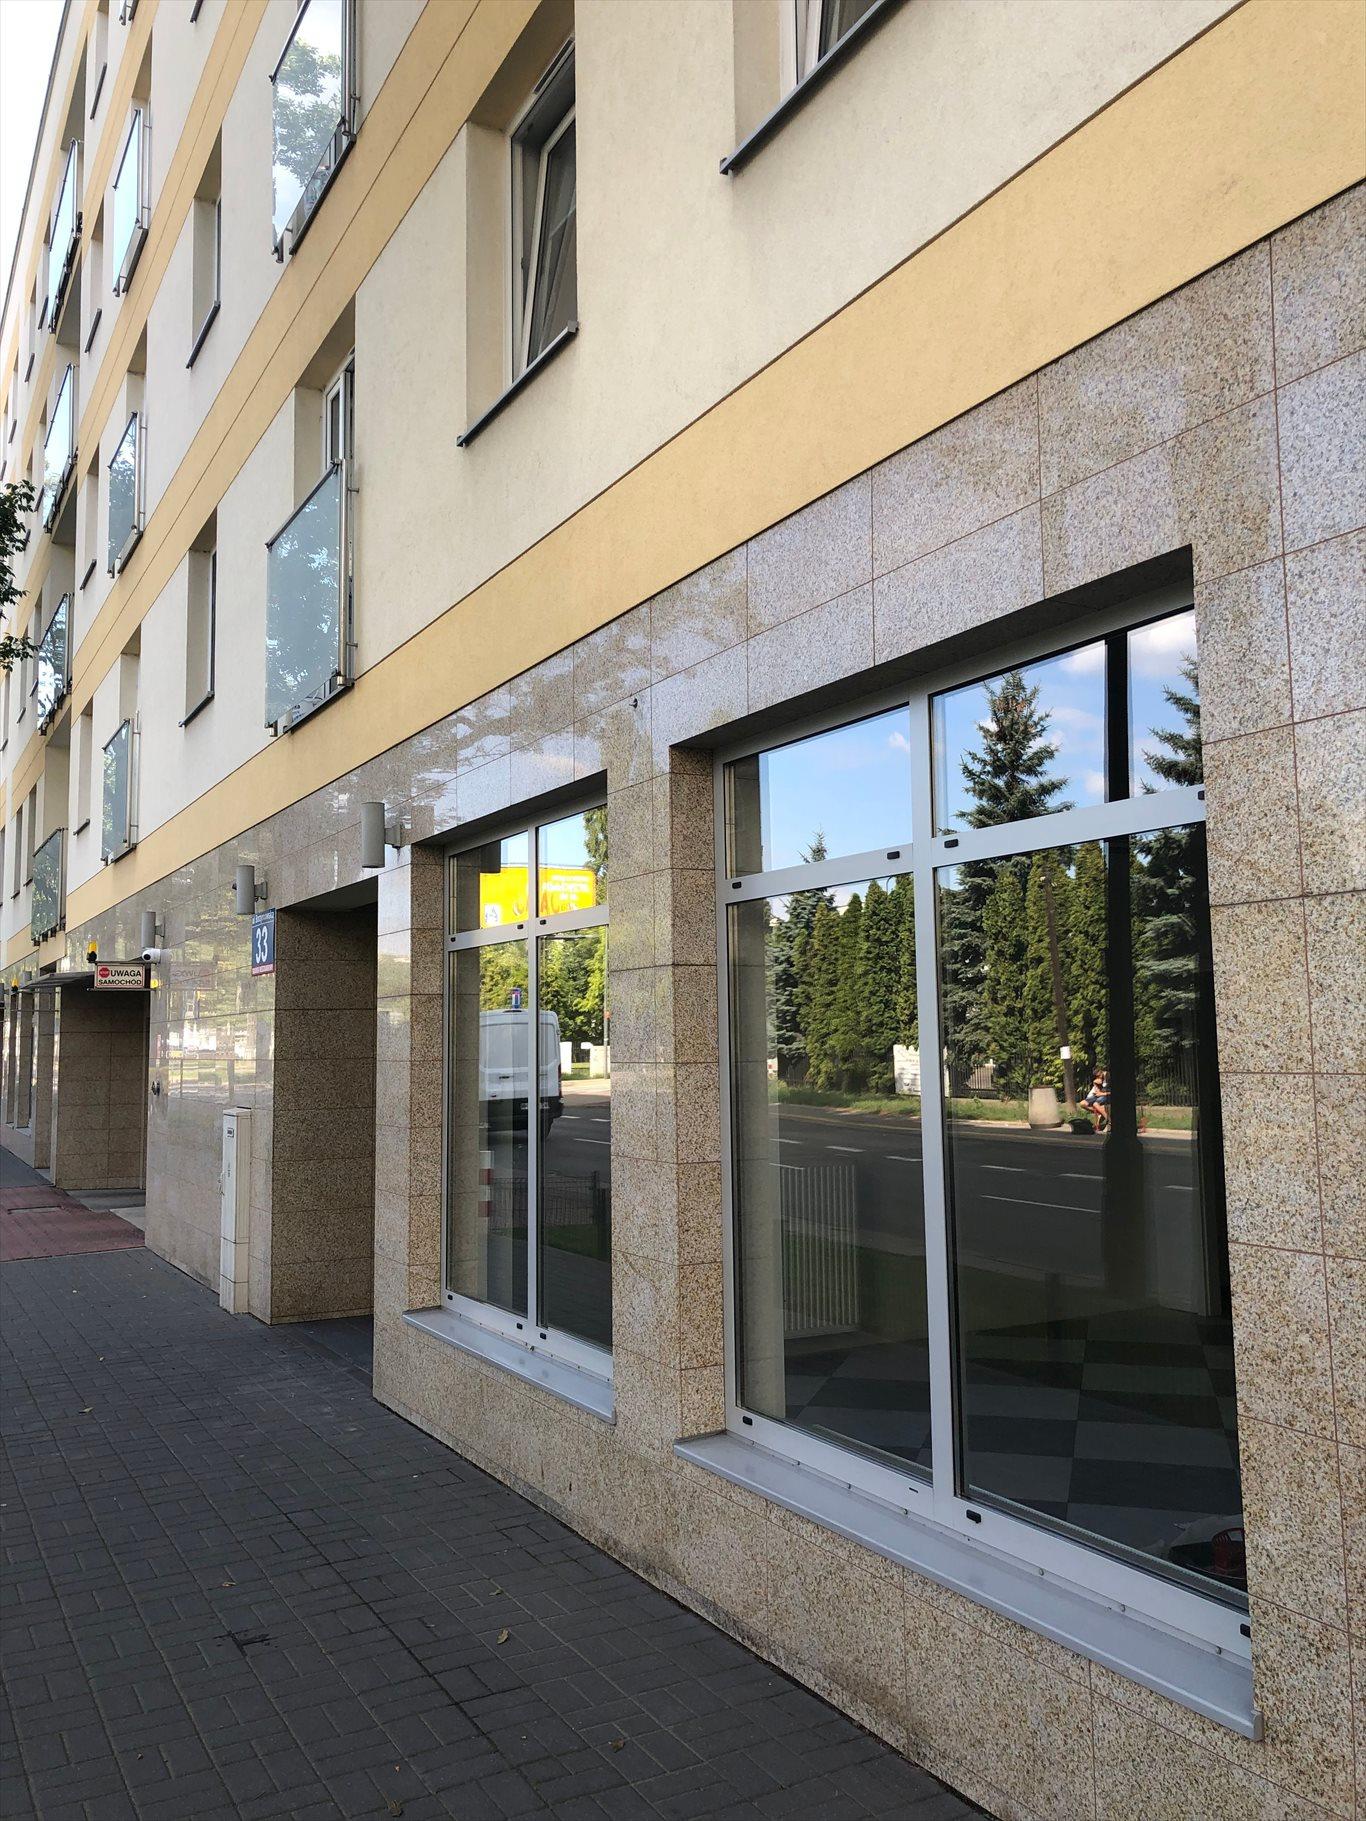 Lokal użytkowy na sprzedaż Warszawa, Targówek, Borzymowska 33  91m2 Foto 1